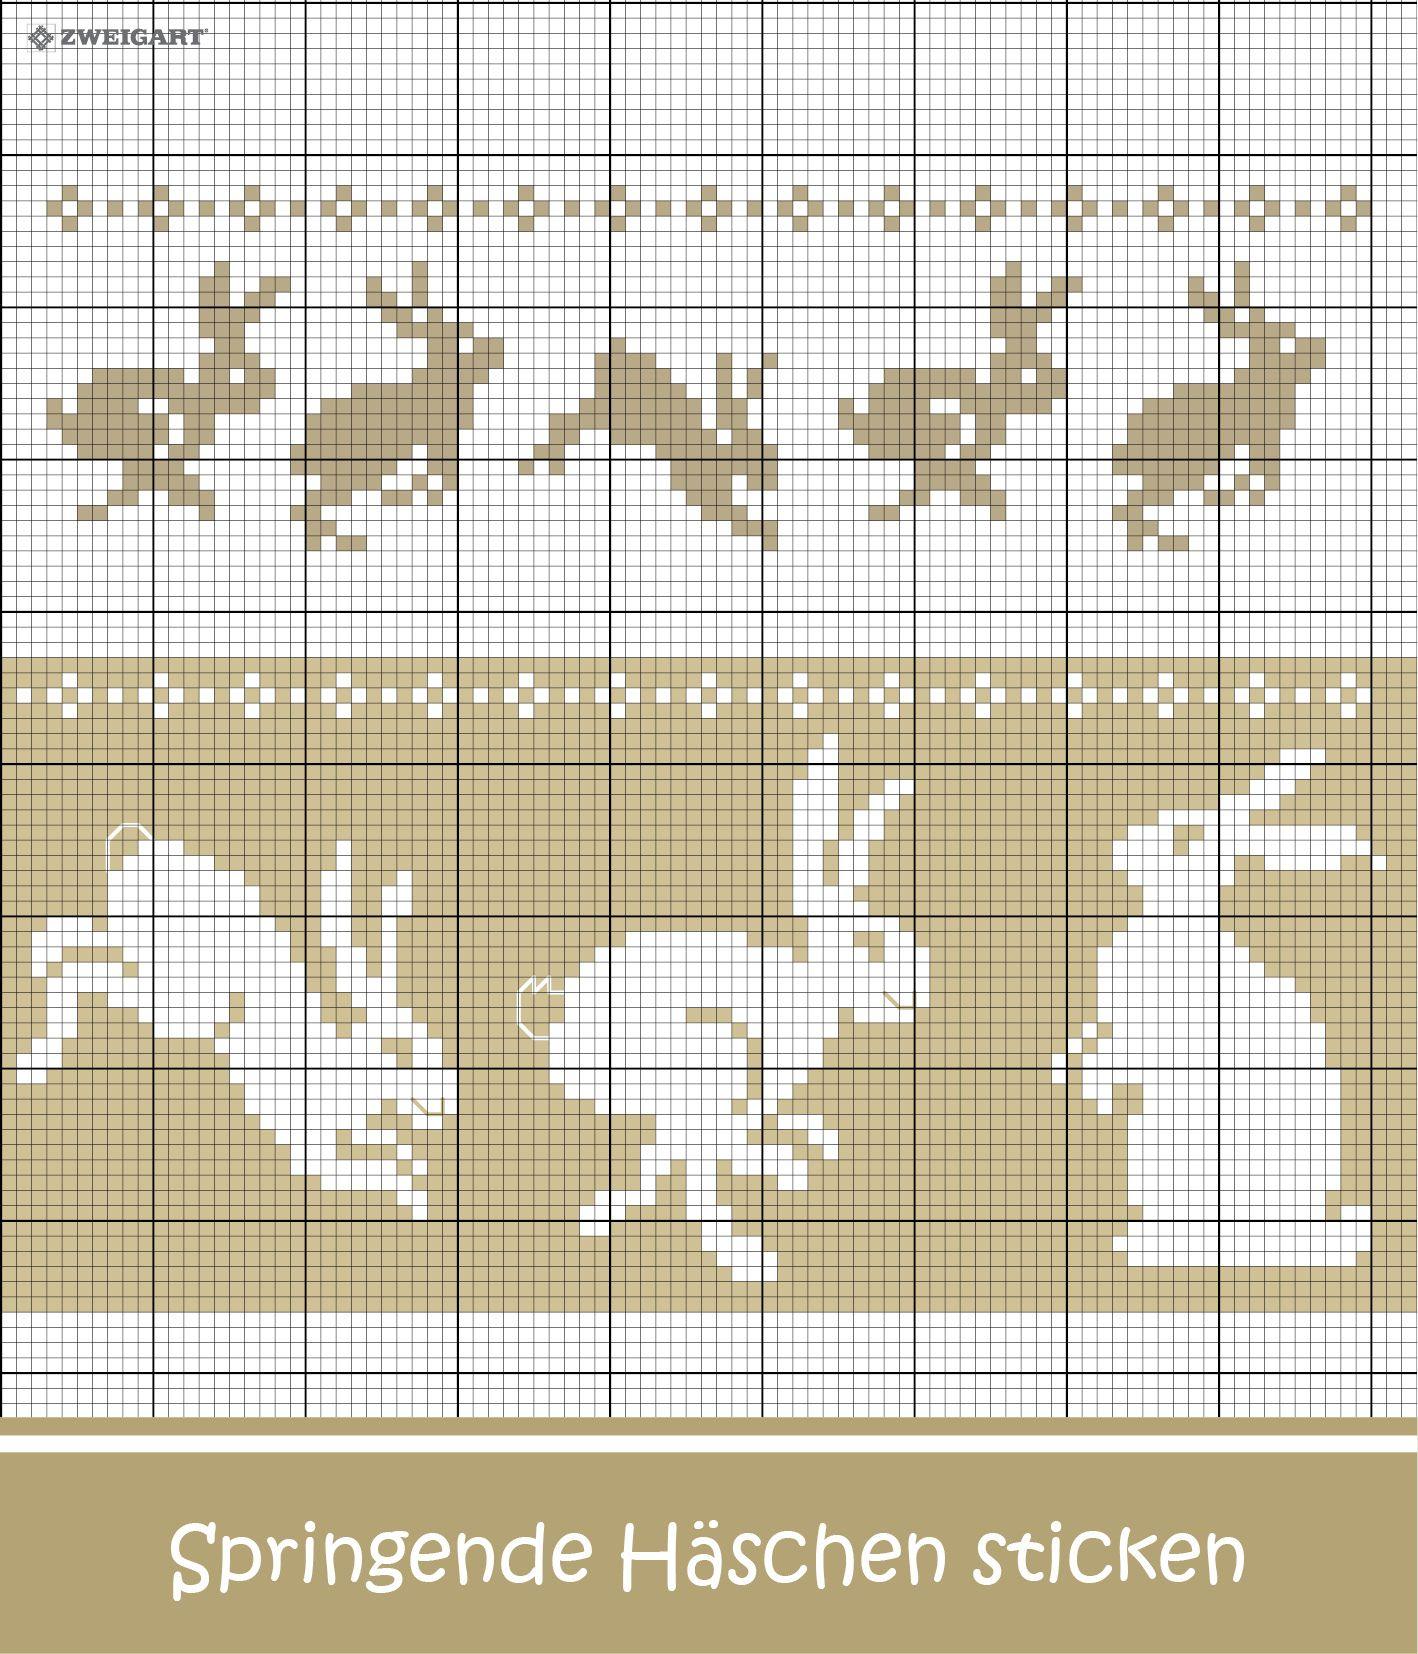 Springende Hasen sticken - Entdecke zahlreiche kostenlose Charts zum ...